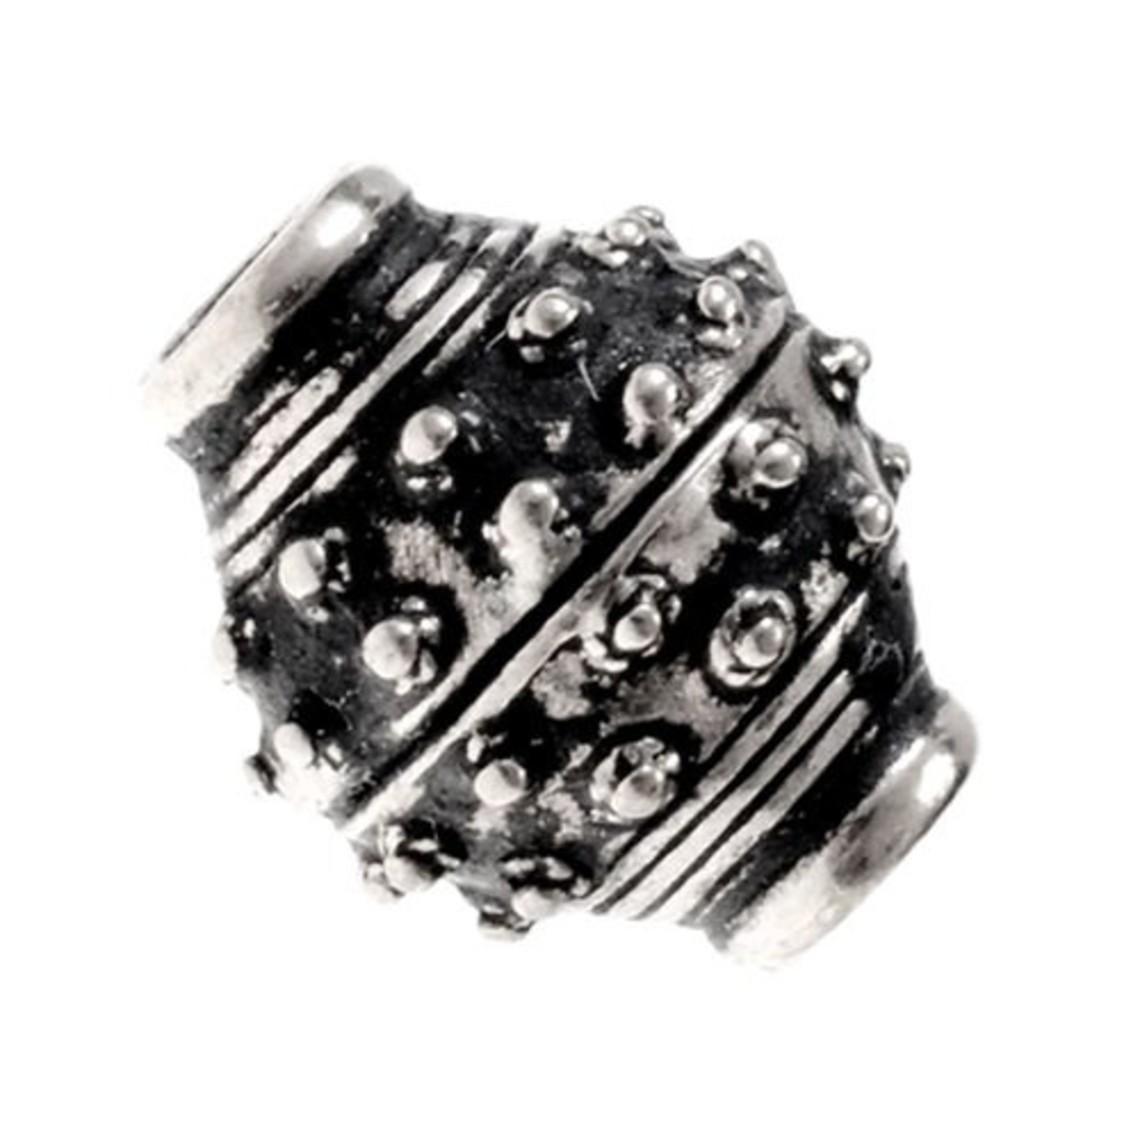 -10 de 9 de siglo de Viking barba de cuentas, bronce plateado